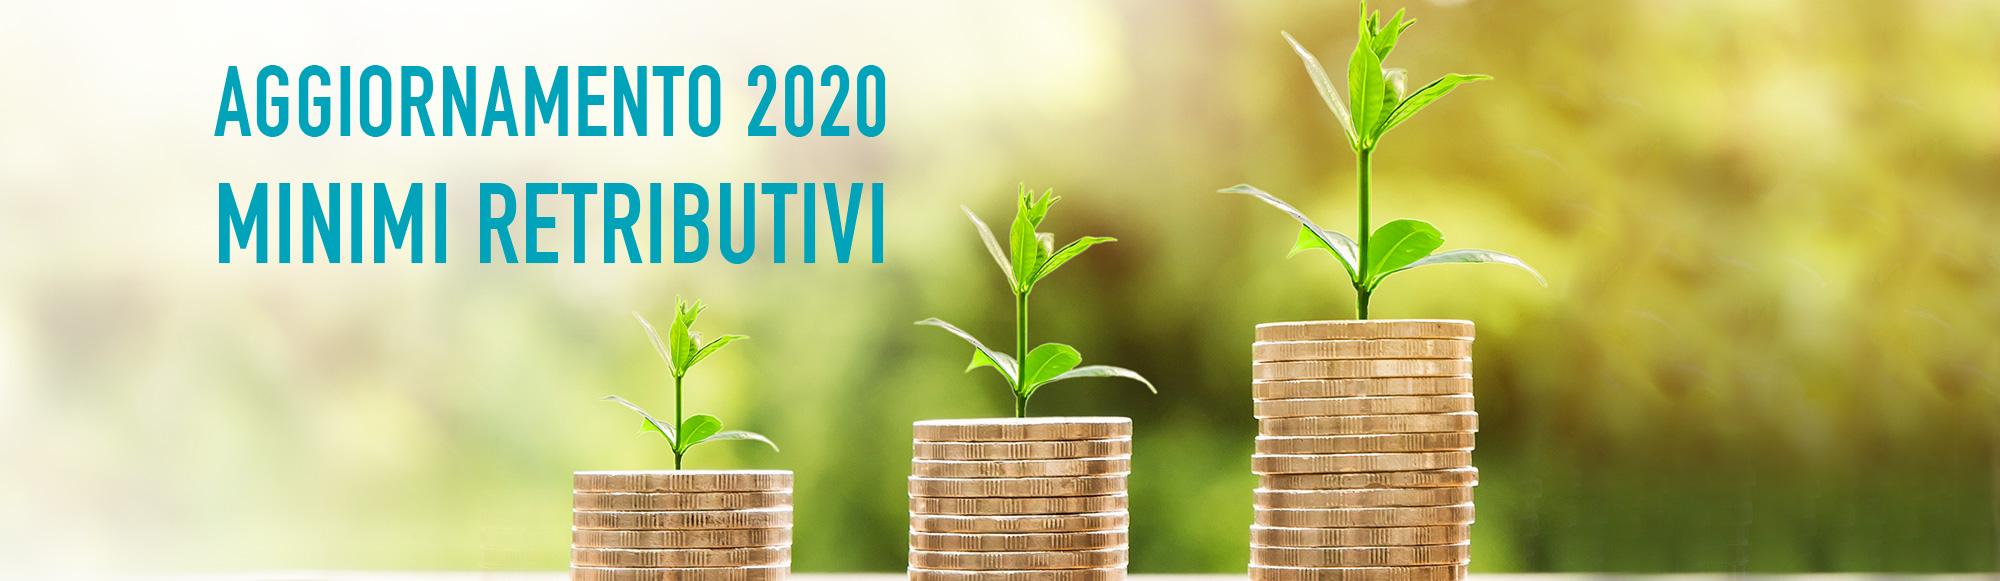 Aggiornamento minimi retributivi 2020